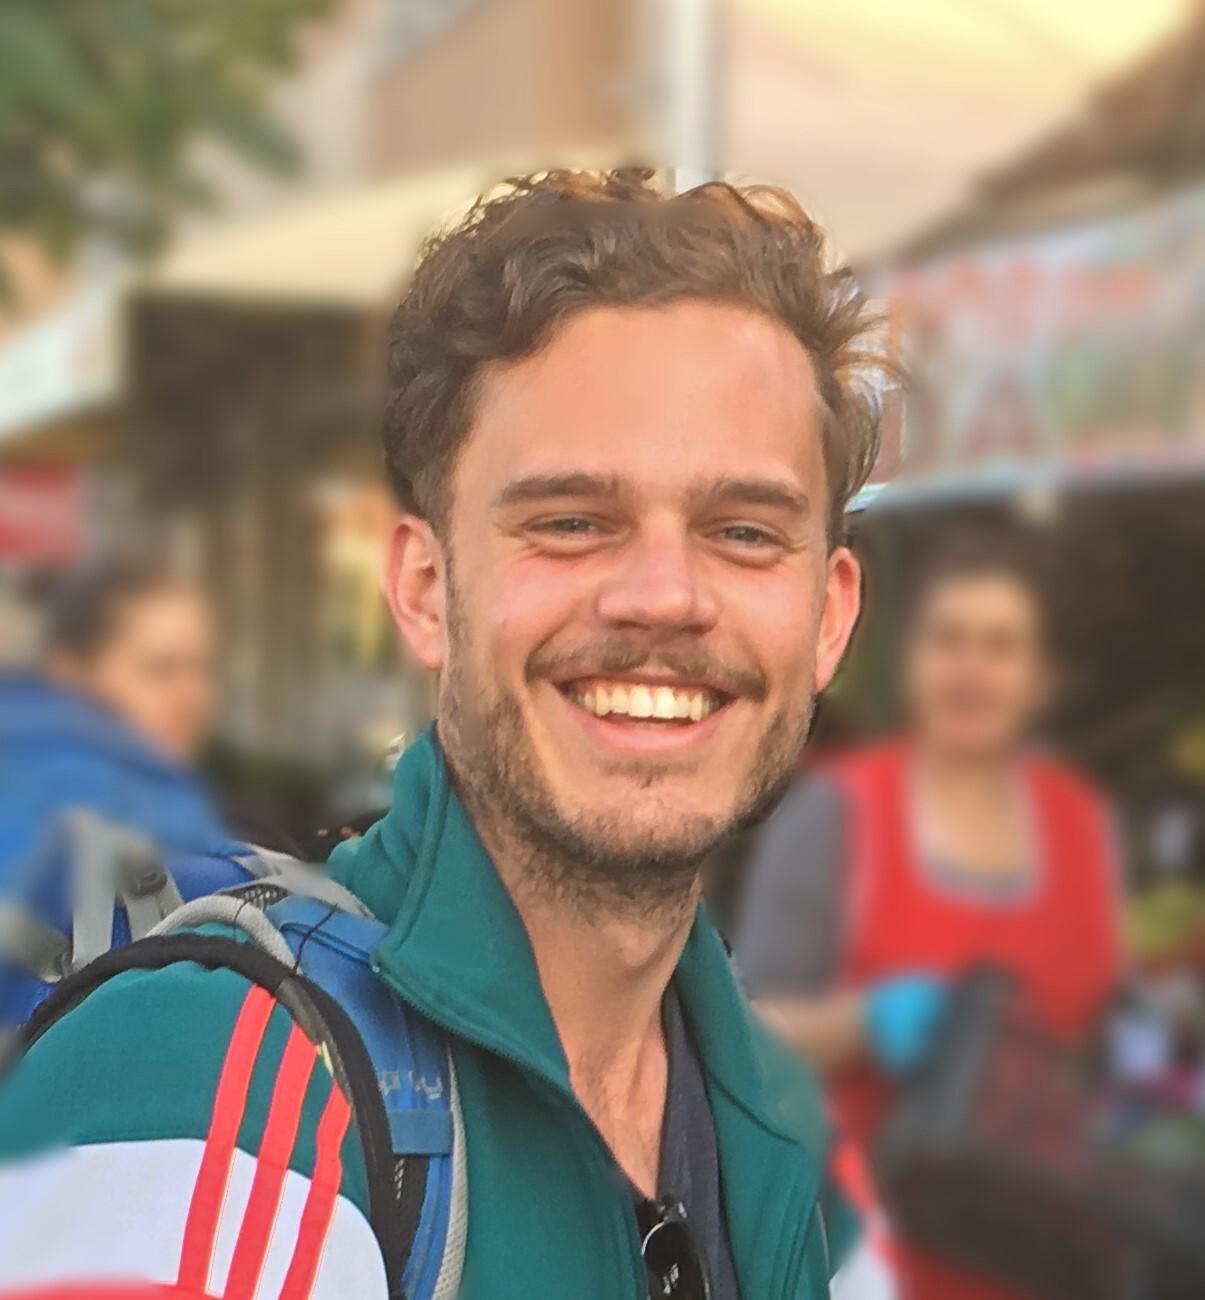 Benjamin Kruft